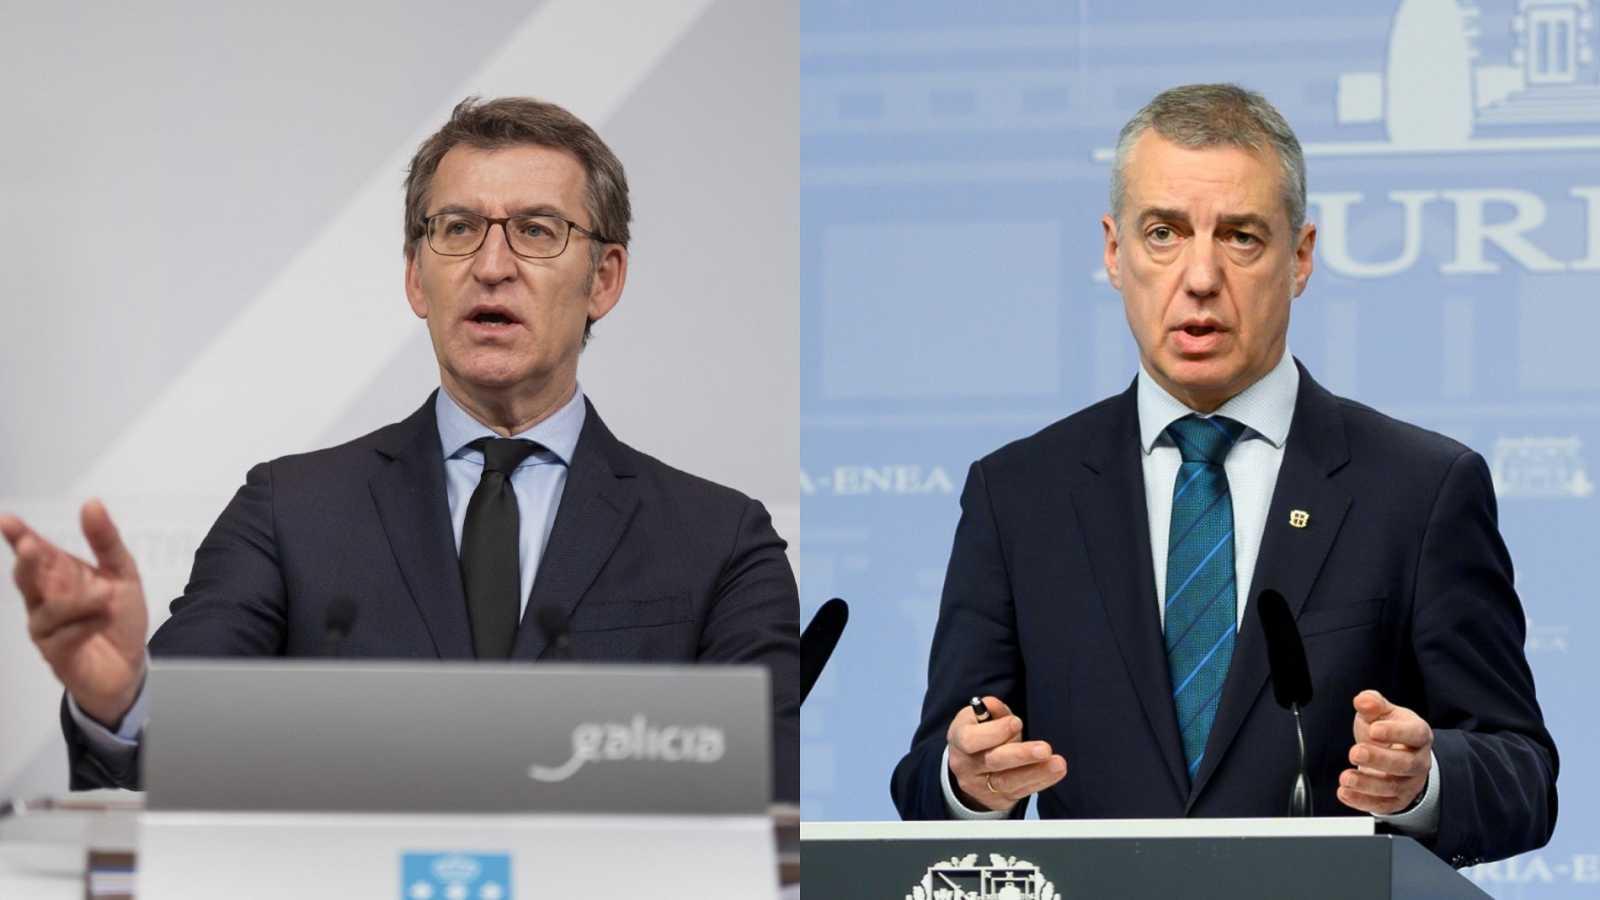 Feijóo y Urkullu convocan elecciones gallegas y vascas para el 12 de julio